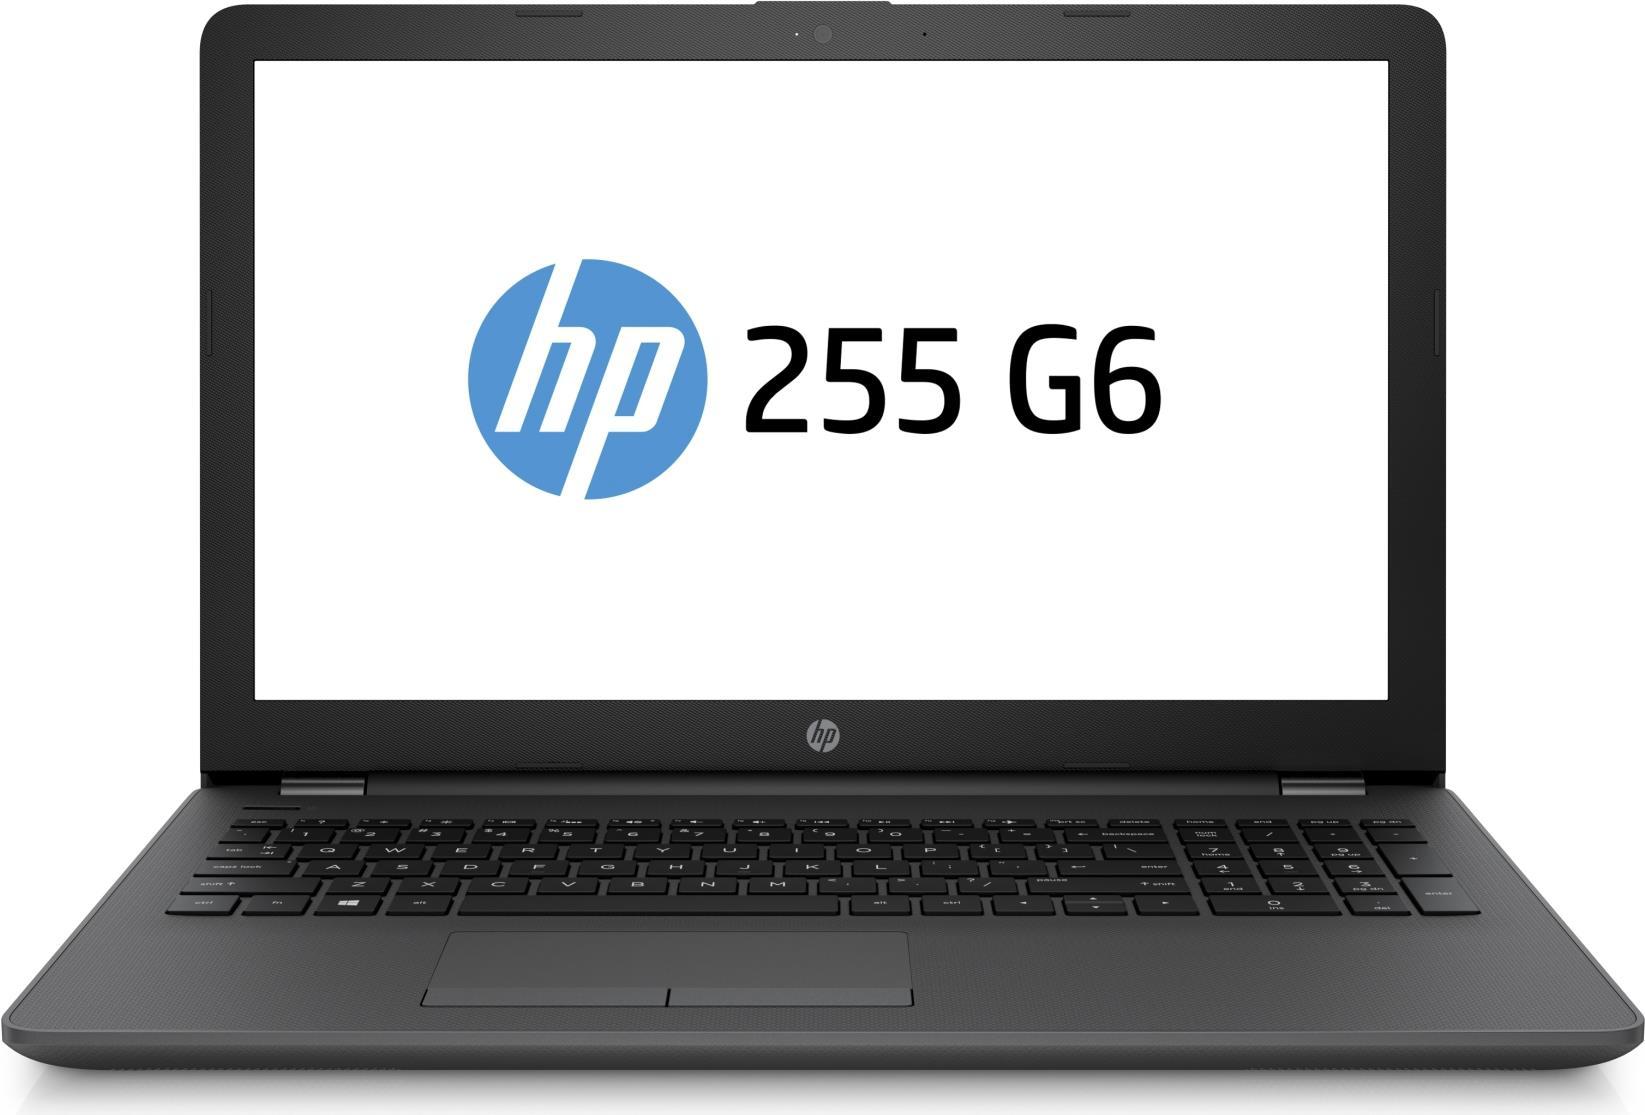 Notebooks, Laptops - HP 255 G6 1.5GHz E2 9000e 15.6' 1366 x 768Pixel Schwarz Notebook (3GJ25ES)  - Onlineshop JACOB Elektronik